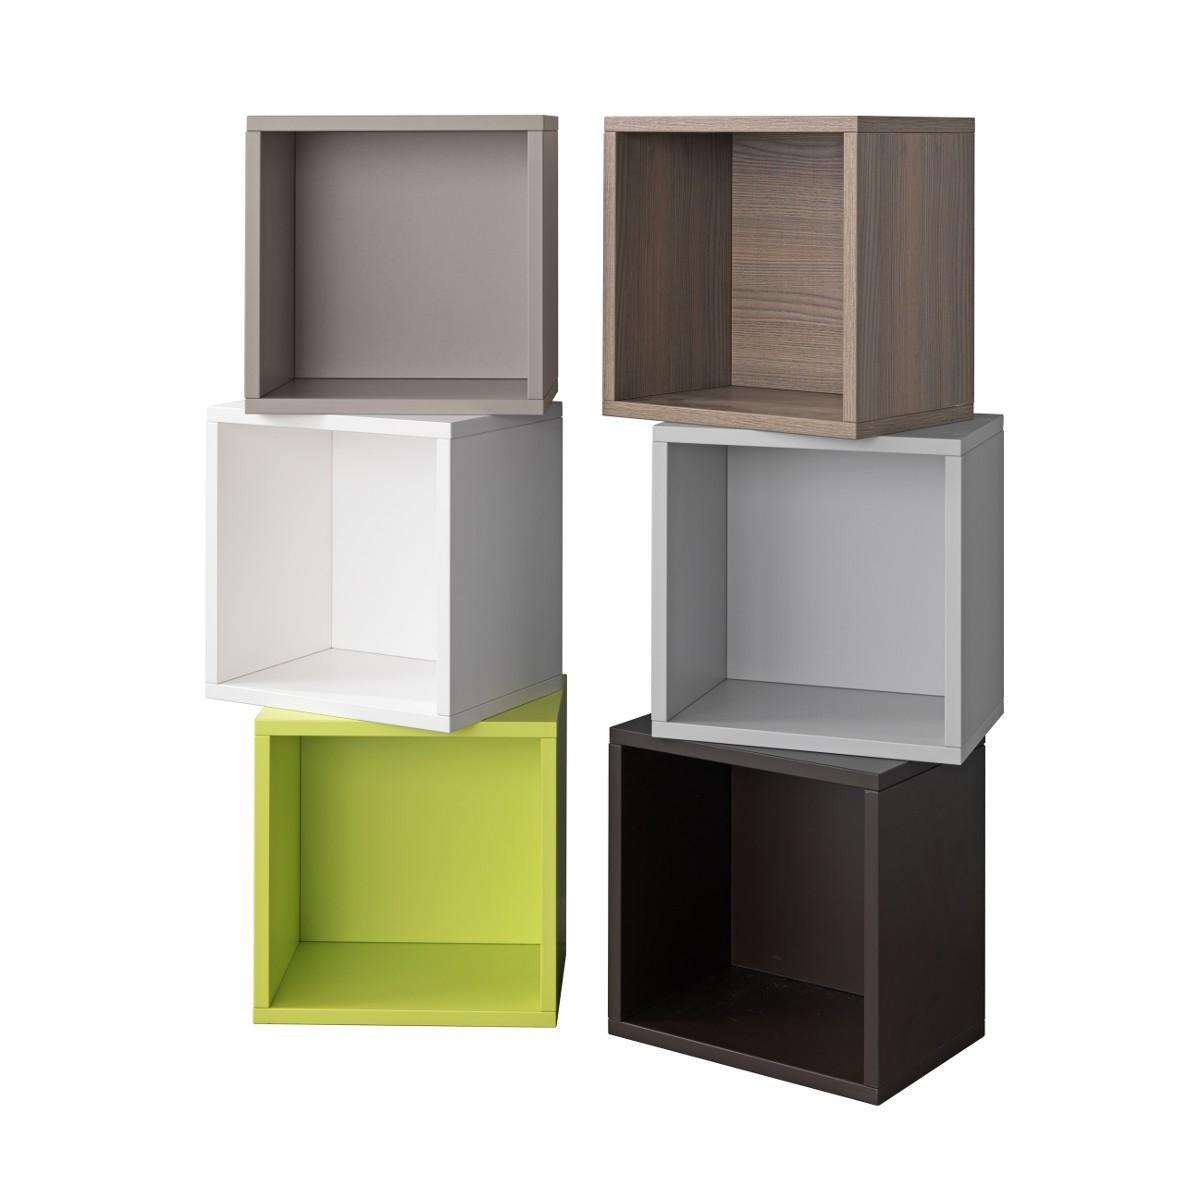 Contenitore cubo libera in legno laminato per arredo 35 x for Librerie in legno componibili